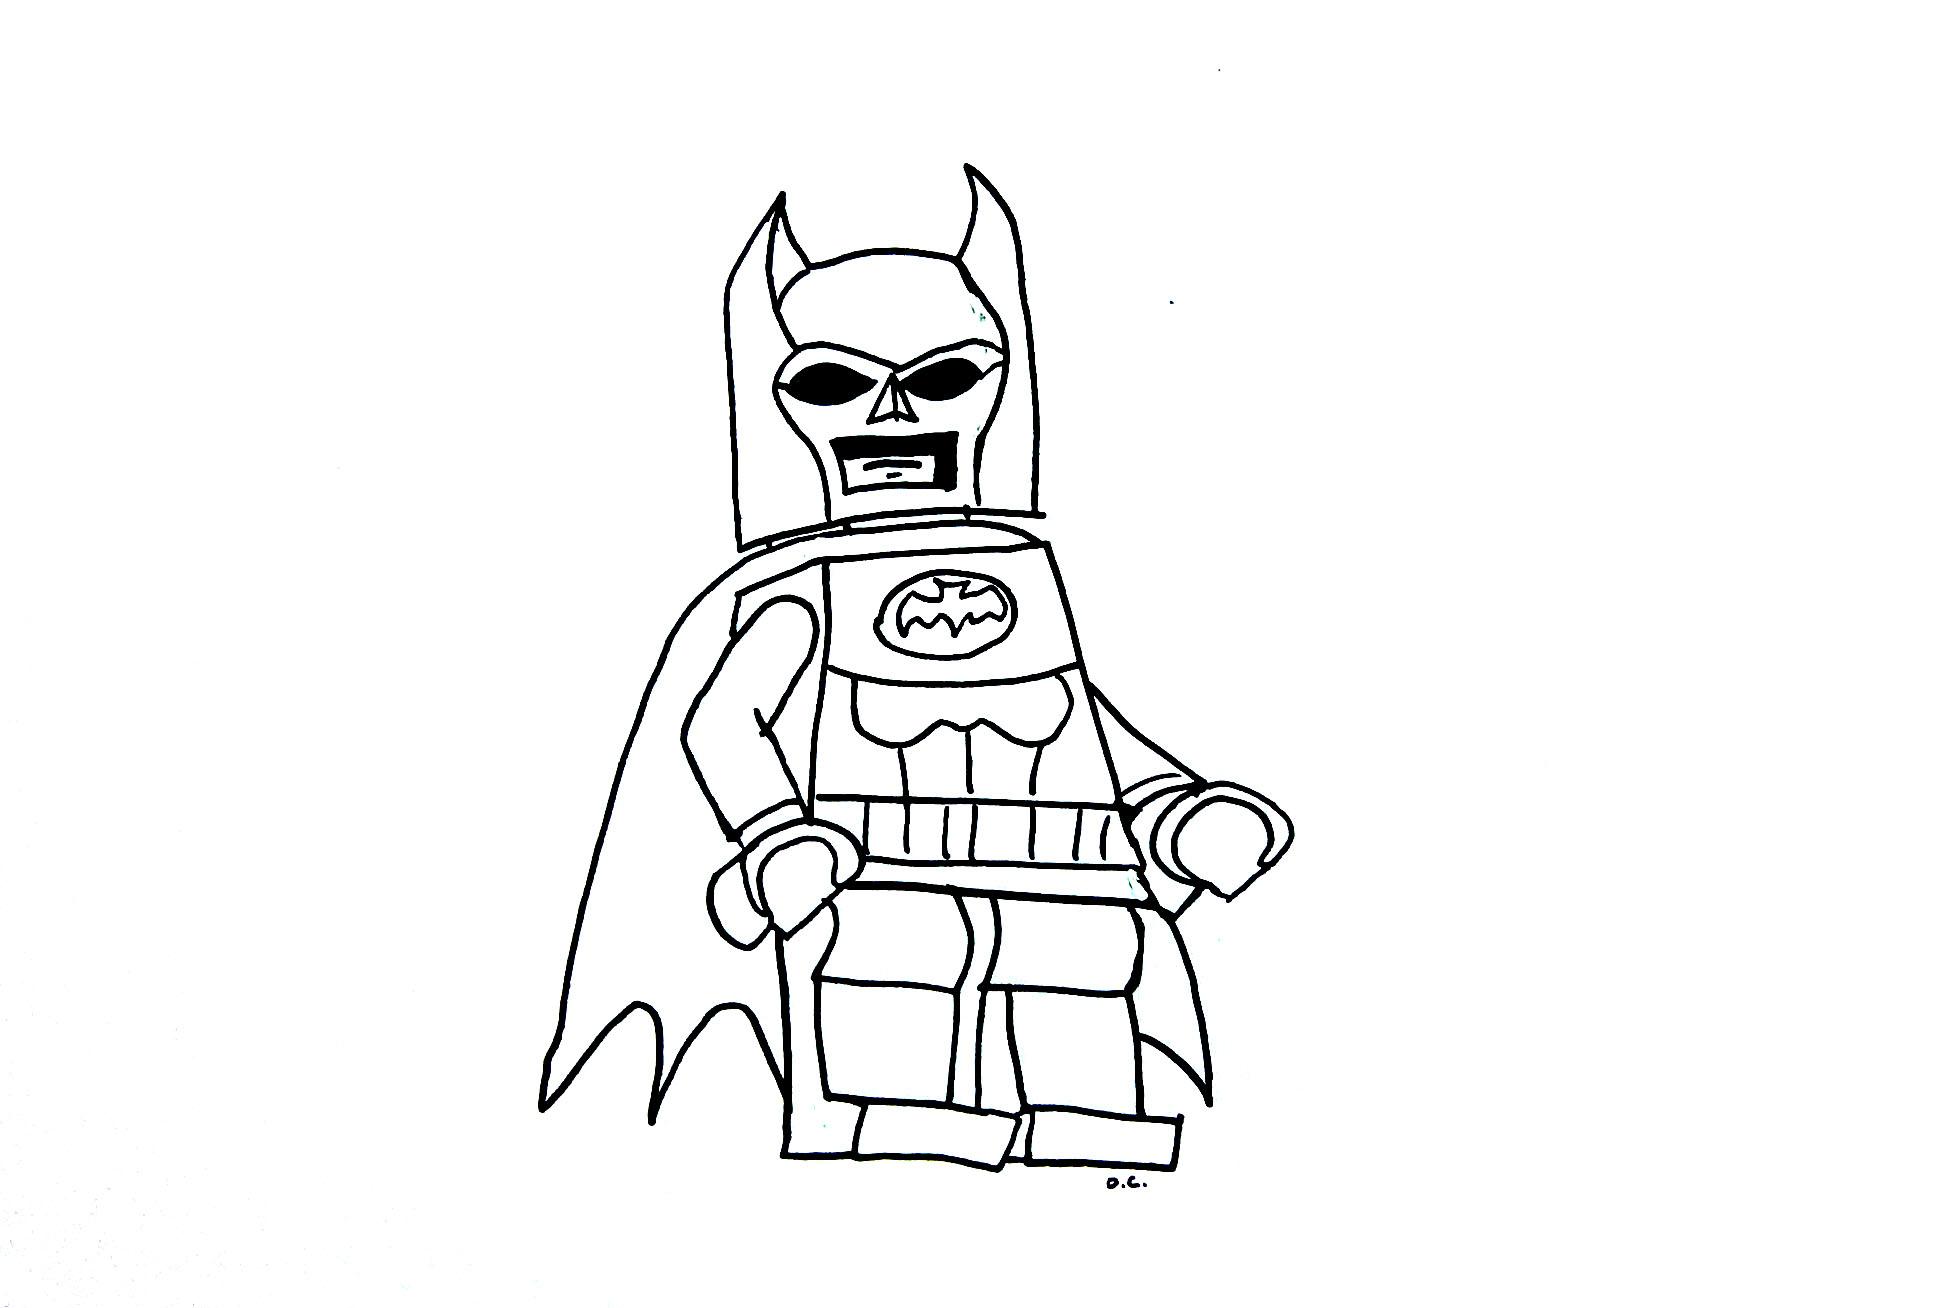 Coloriage lego batman imprimer sur coloriages info - Coloriage a imprimer batman gratuit ...